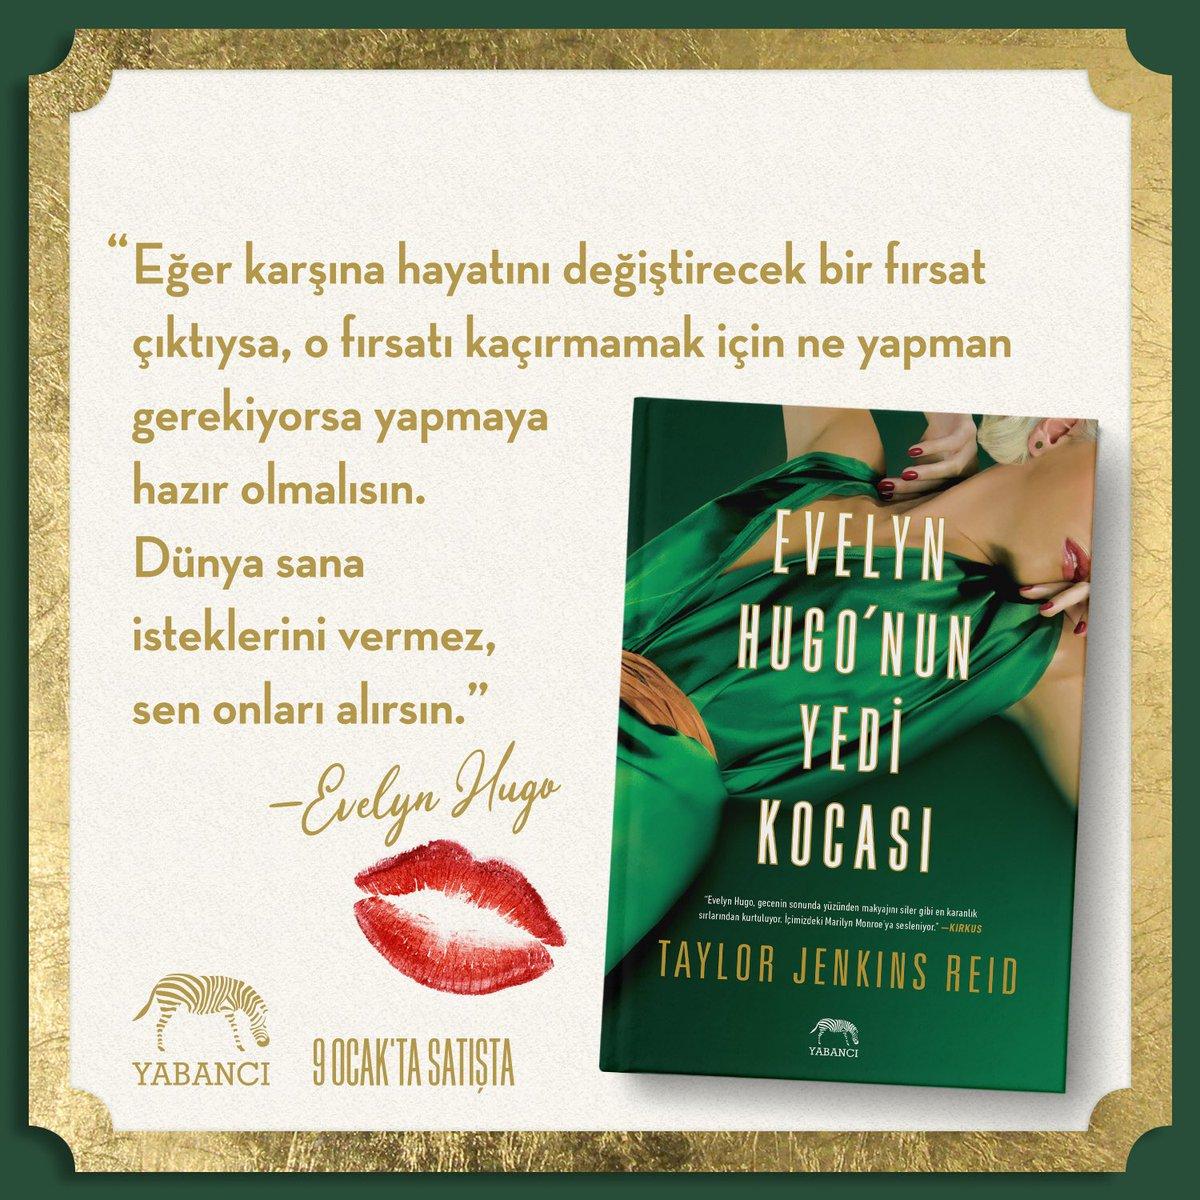 Evelyn Hugo'nun Yedi Kocası, bugünden itibaren tüm kitapçılarda! #evelynhugonunyedikocası #yabancıyayınları #taylorjenkinsreid pic.twitter.com/X4fcwsO3Z0